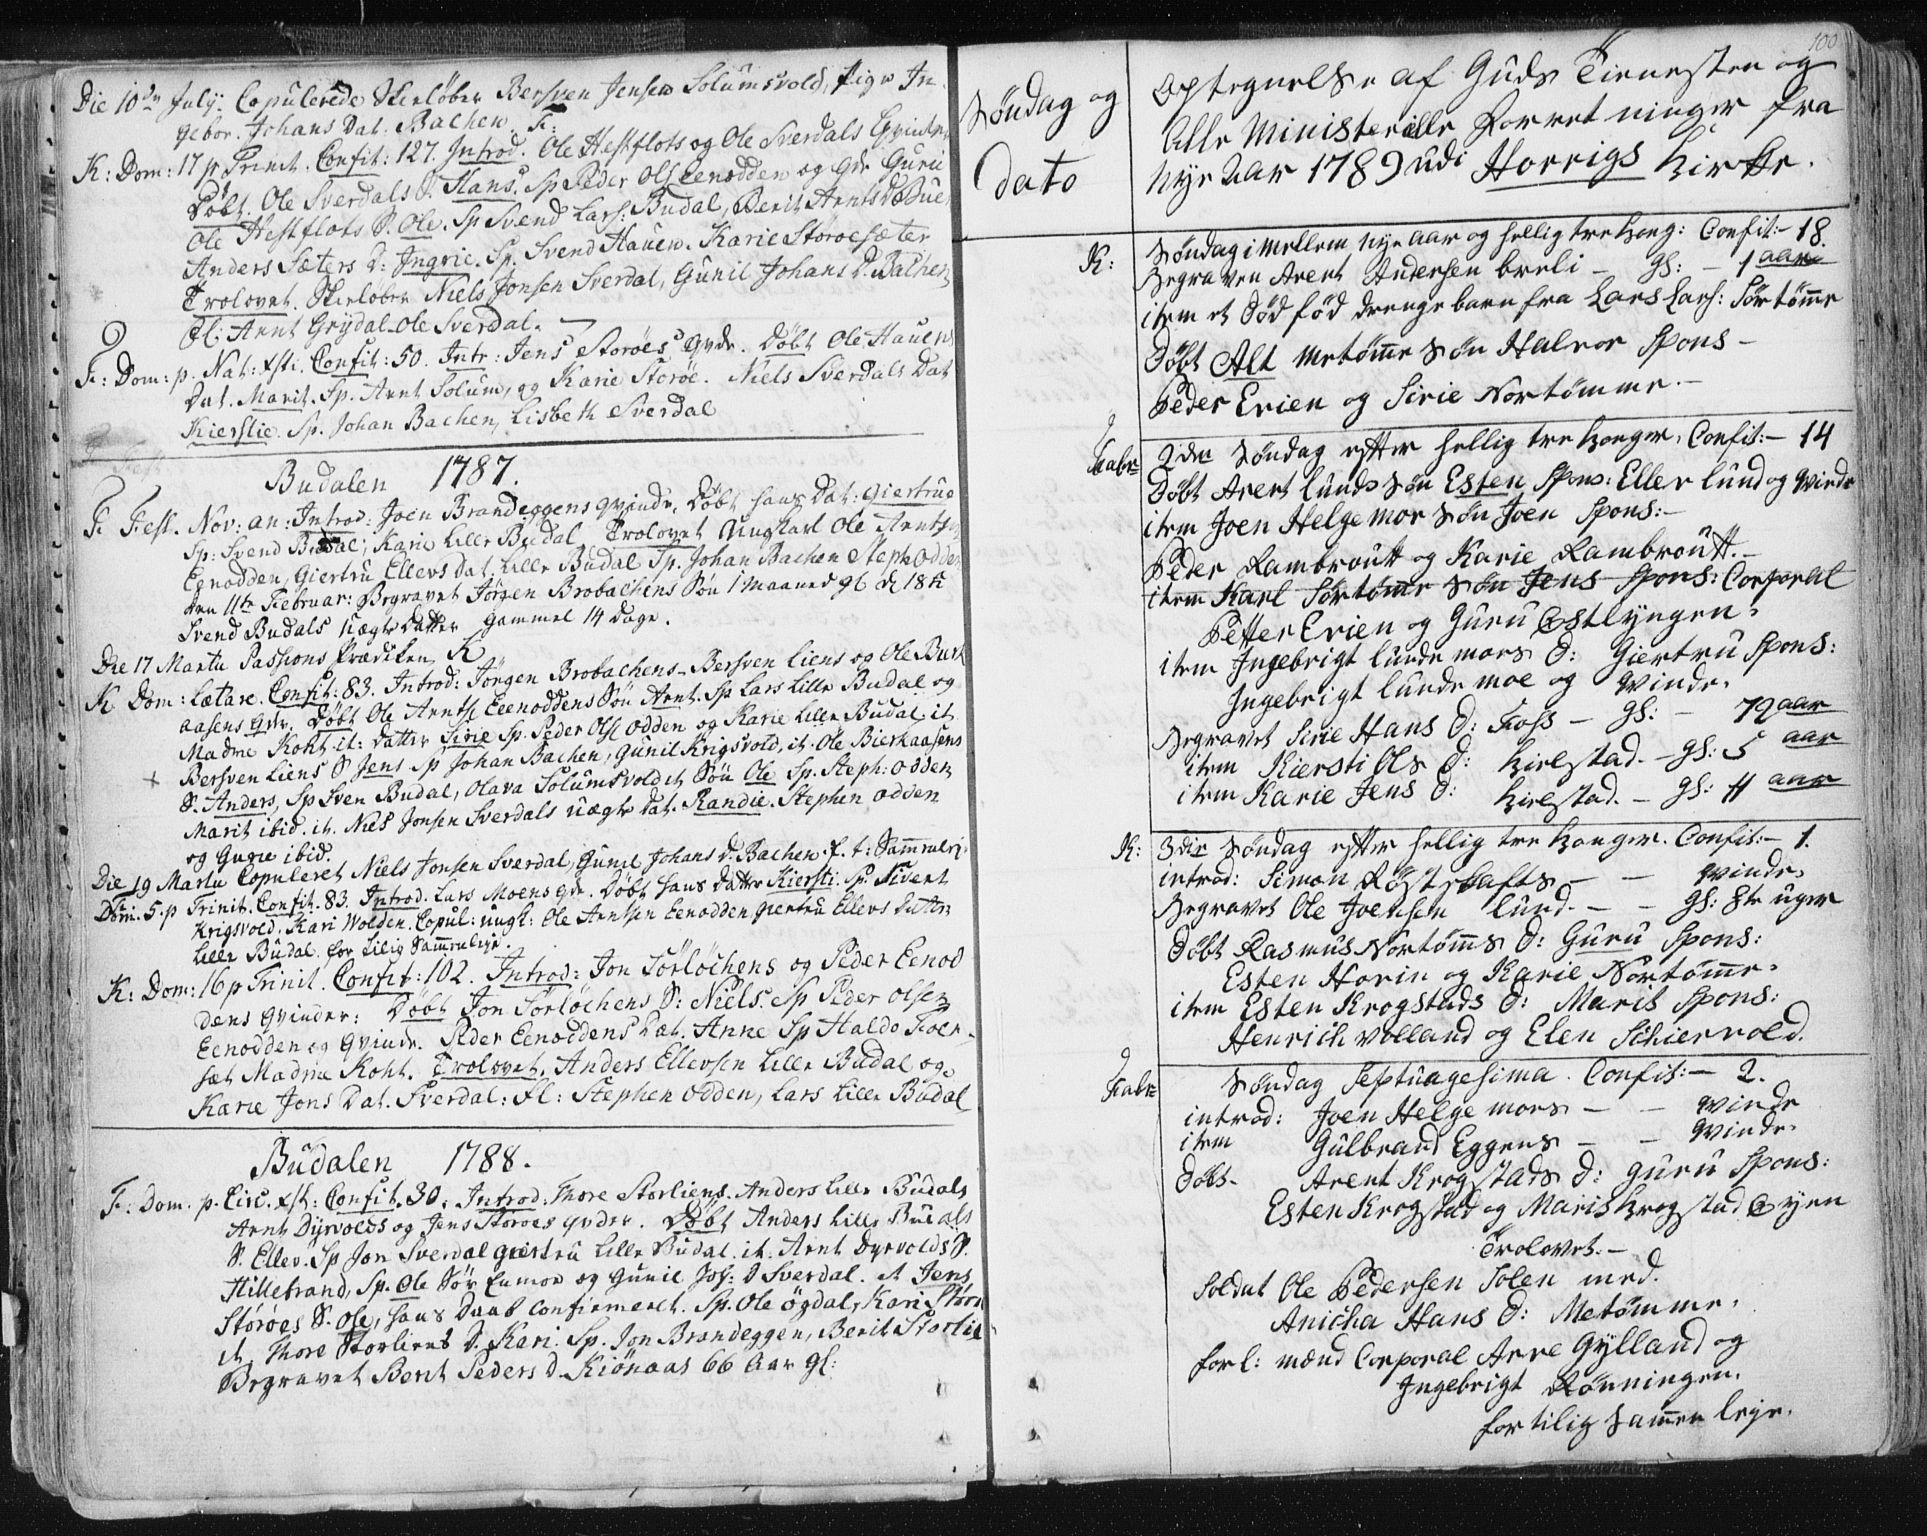 SAT, Ministerialprotokoller, klokkerbøker og fødselsregistre - Sør-Trøndelag, 687/L0991: Ministerialbok nr. 687A02, 1747-1790, s. 100